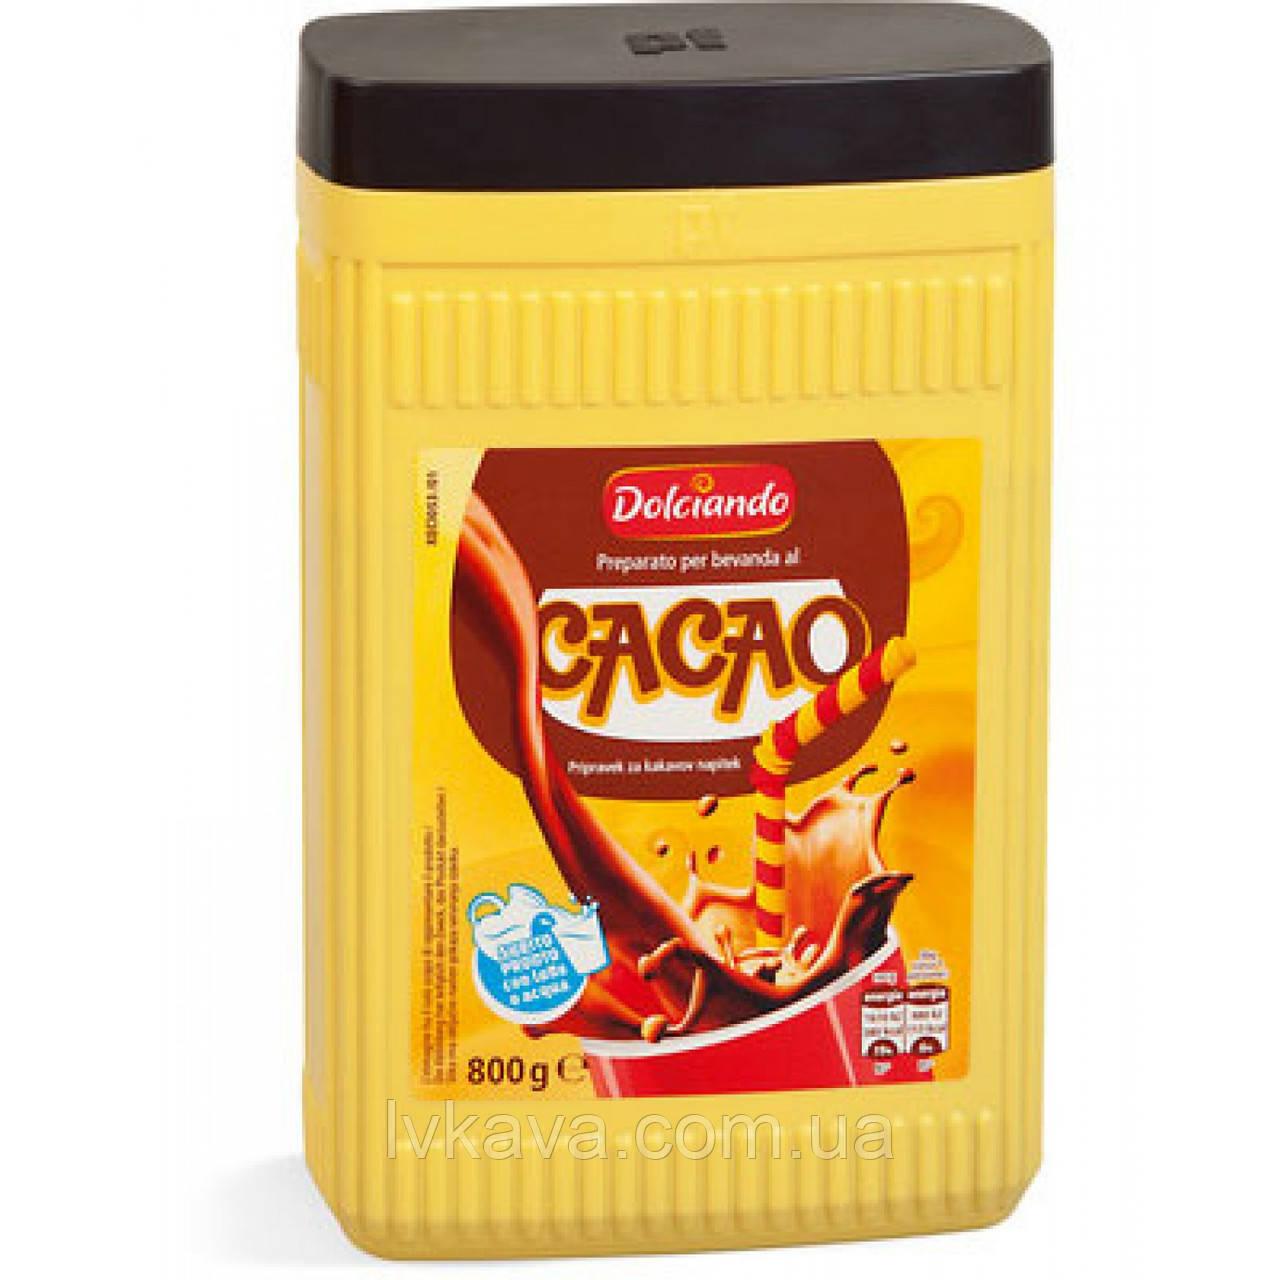 Какао напиток Dolciando , 800 гр